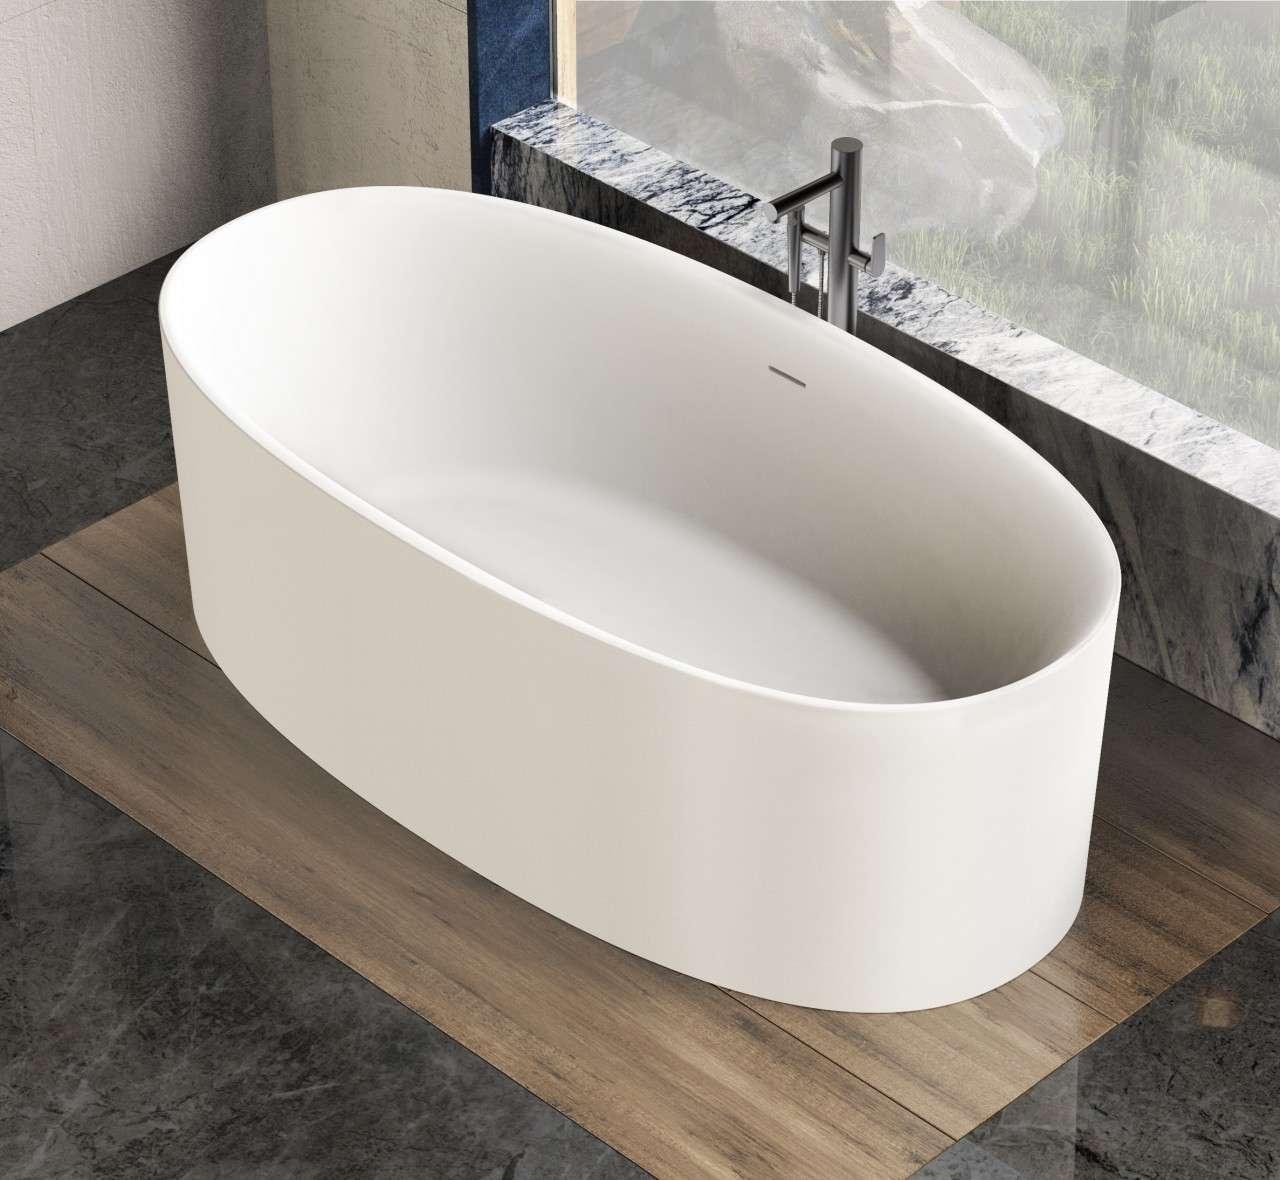 Vrijstaand Bad Mat Wit.Solid Surface Solutions Vrijstaand Bad Kurkowski 175